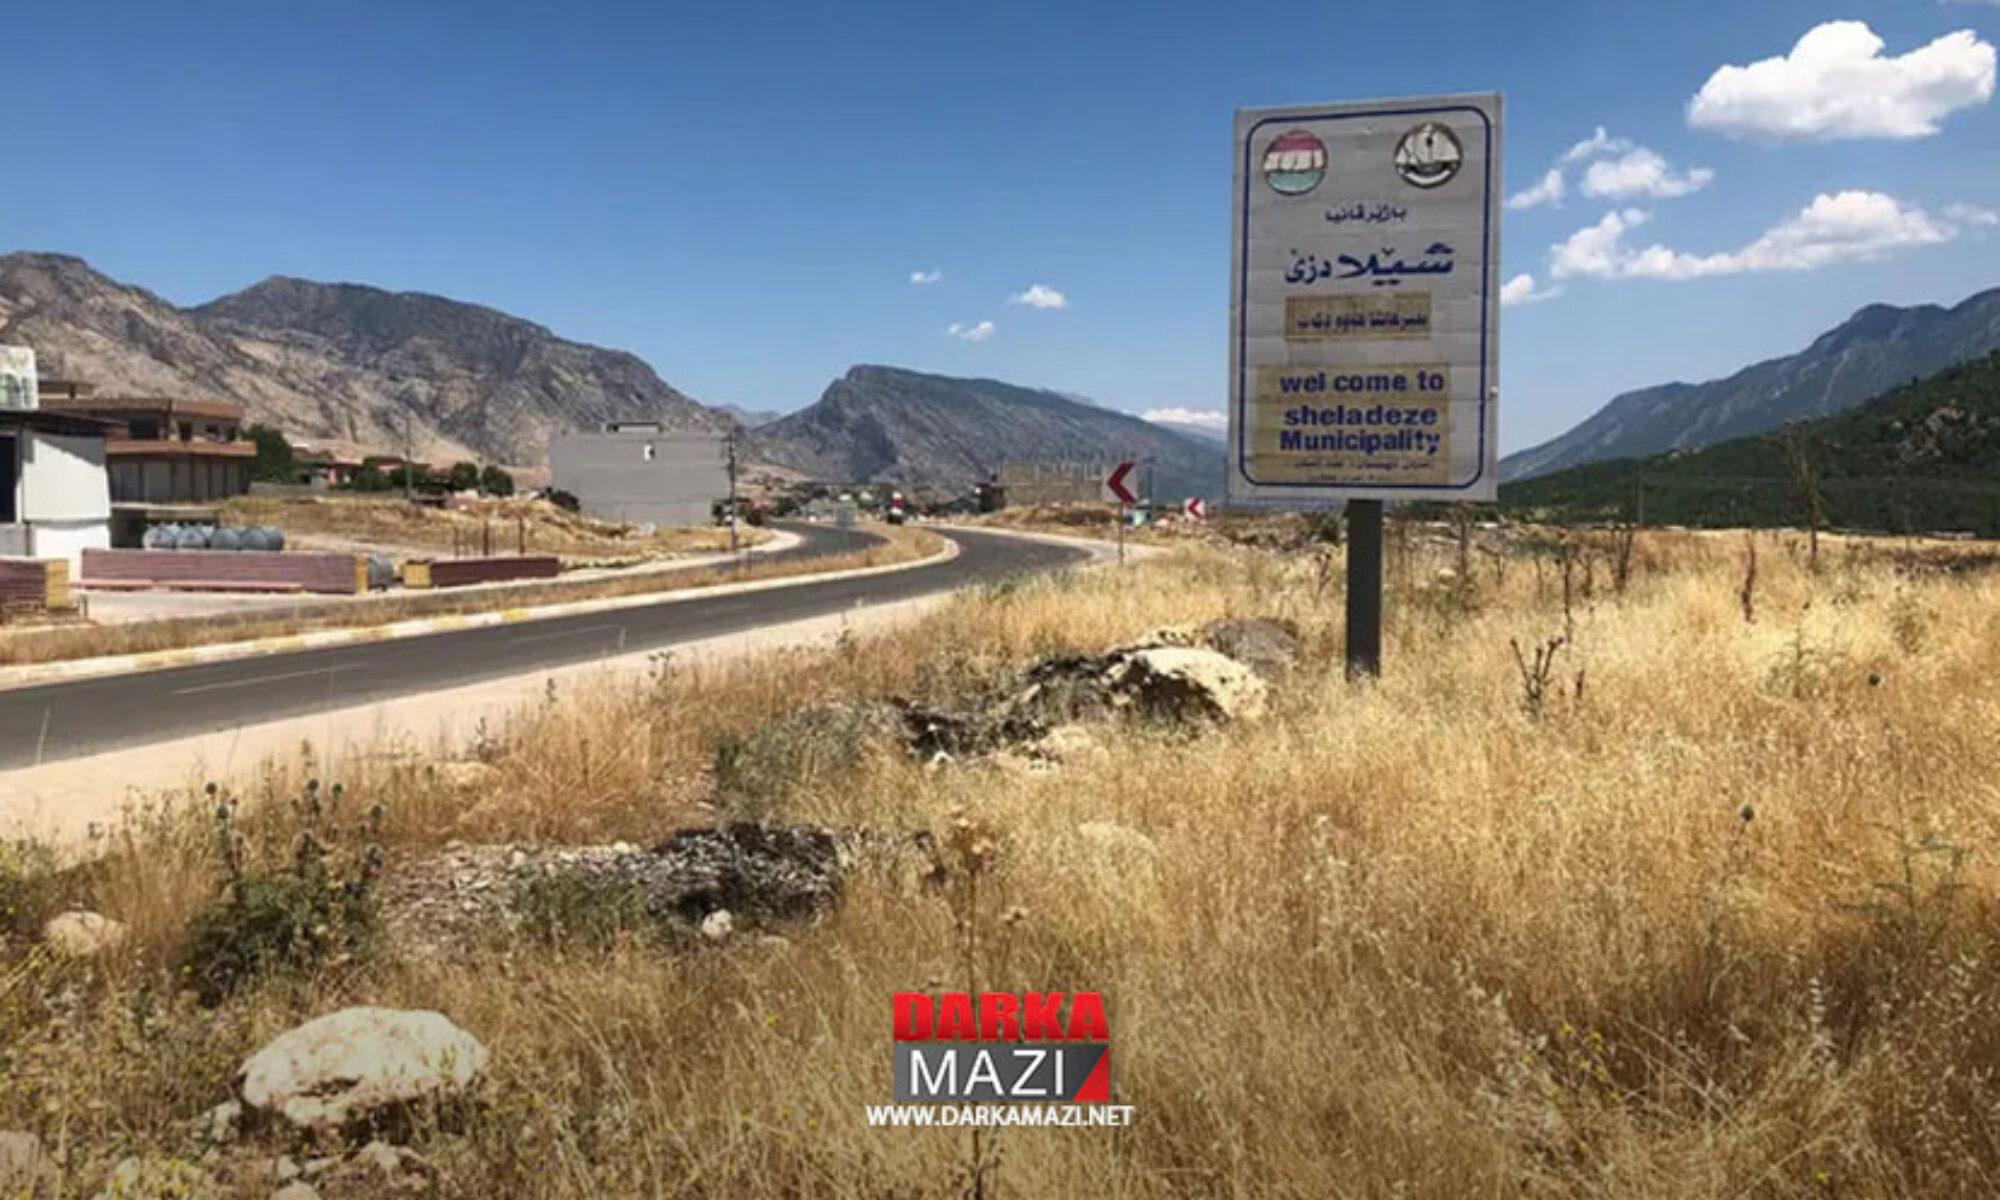 Türk ordusunun bombardmanı sonucu Şeladize'de iki sivil yaralandı Sida, Rekani, PKK; TSK